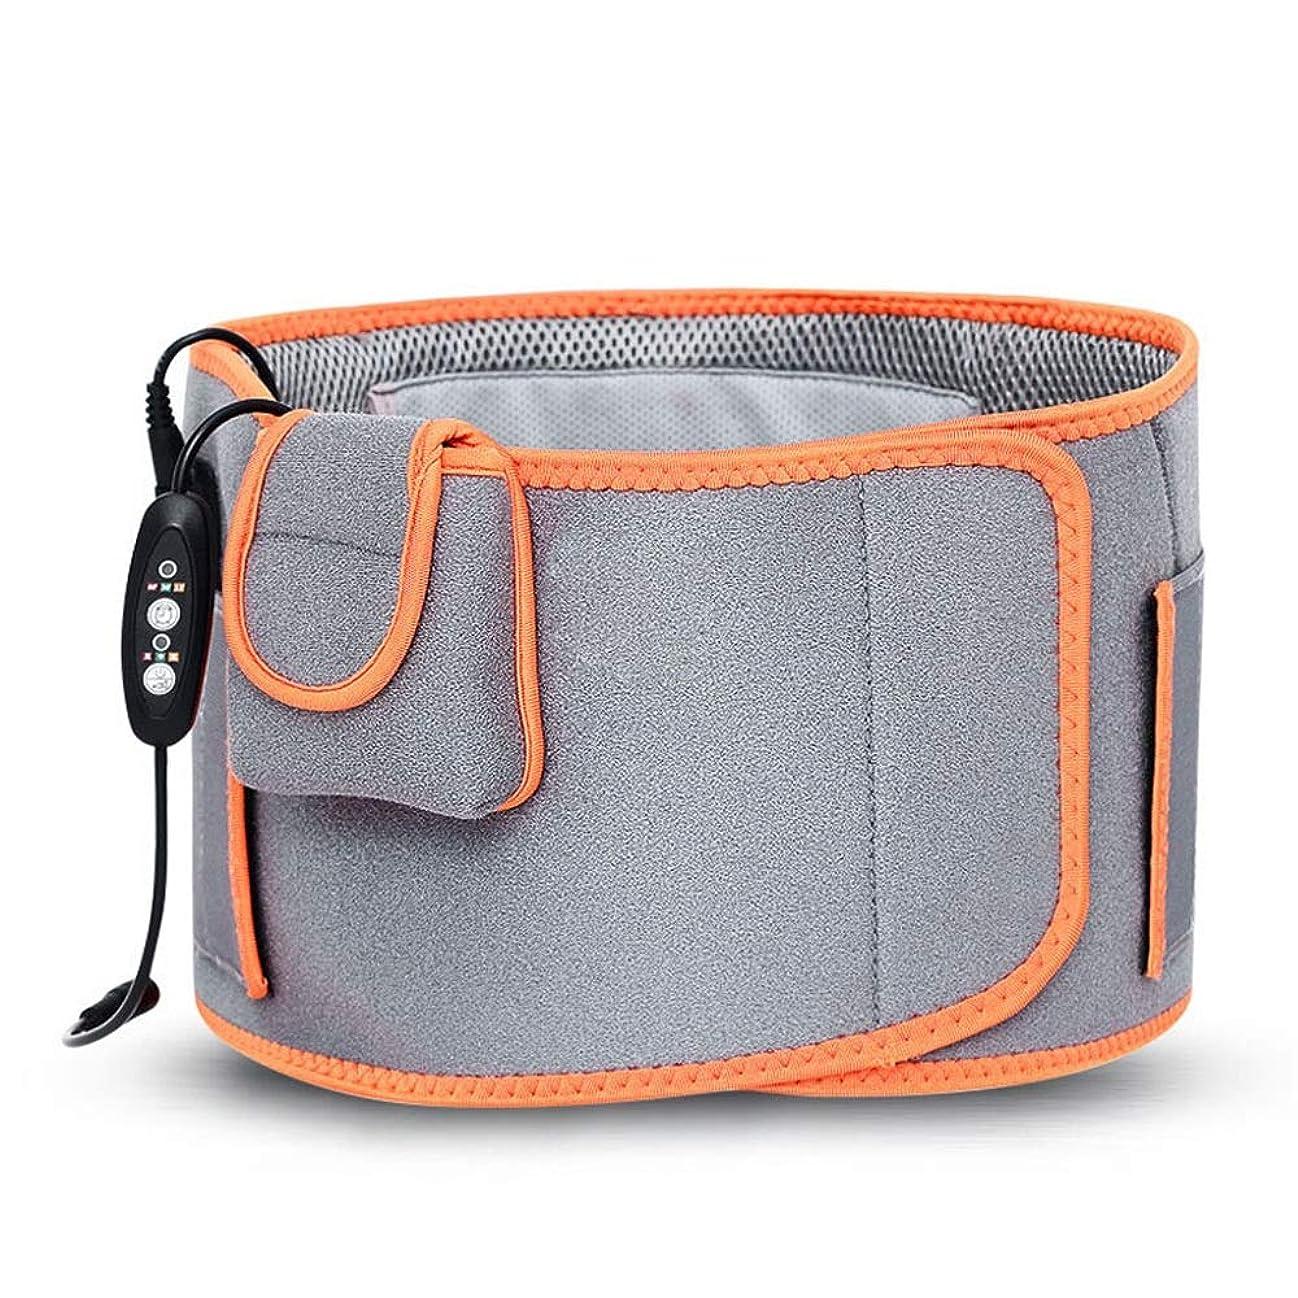 女性ペルメル取り替えるウエスト暖房パッドヒートセラピーラップ温湿布のために腰のけいれんの痛みを軽減する傷害の回復 腰痛保護バンド (色 : グレー, サイズ : FREE SIZE)